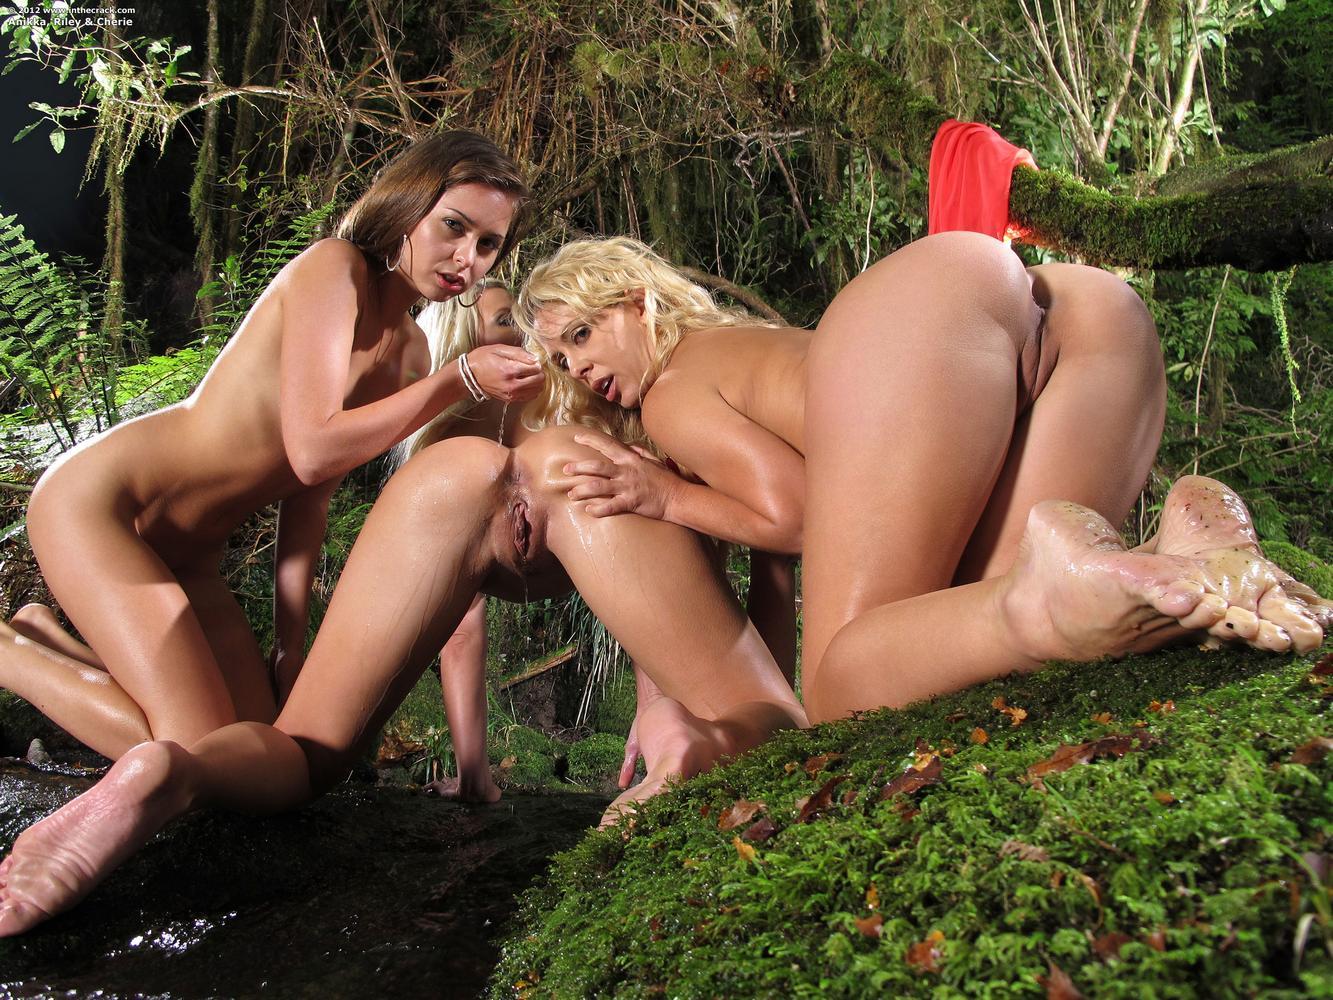 Смуглые попки голых девушек 25 фотография